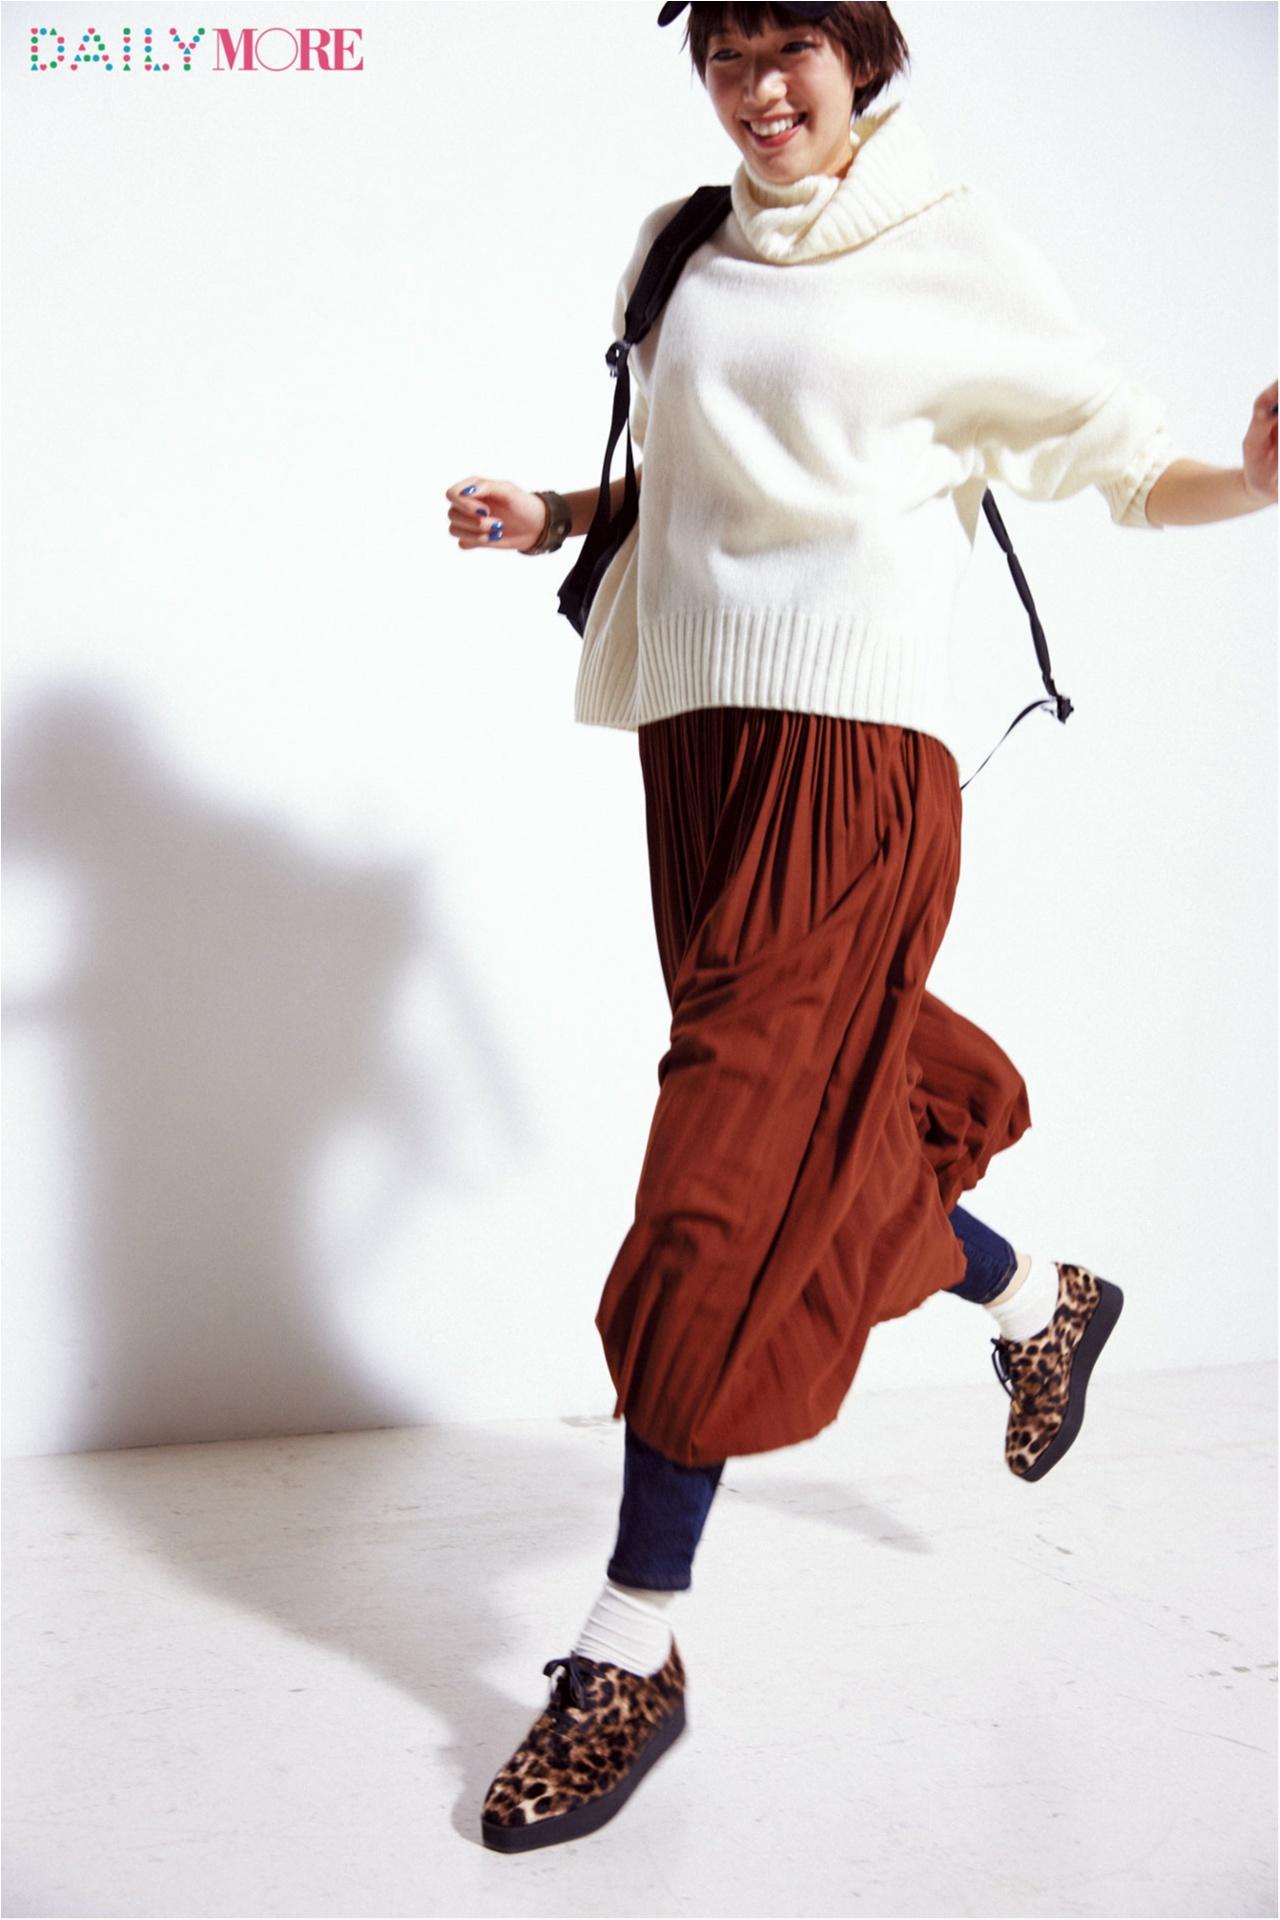 【今日のコーデ/佐藤栞里】お買い物日和の土曜日は遊び心のある足もとコーデにトライ♪_1